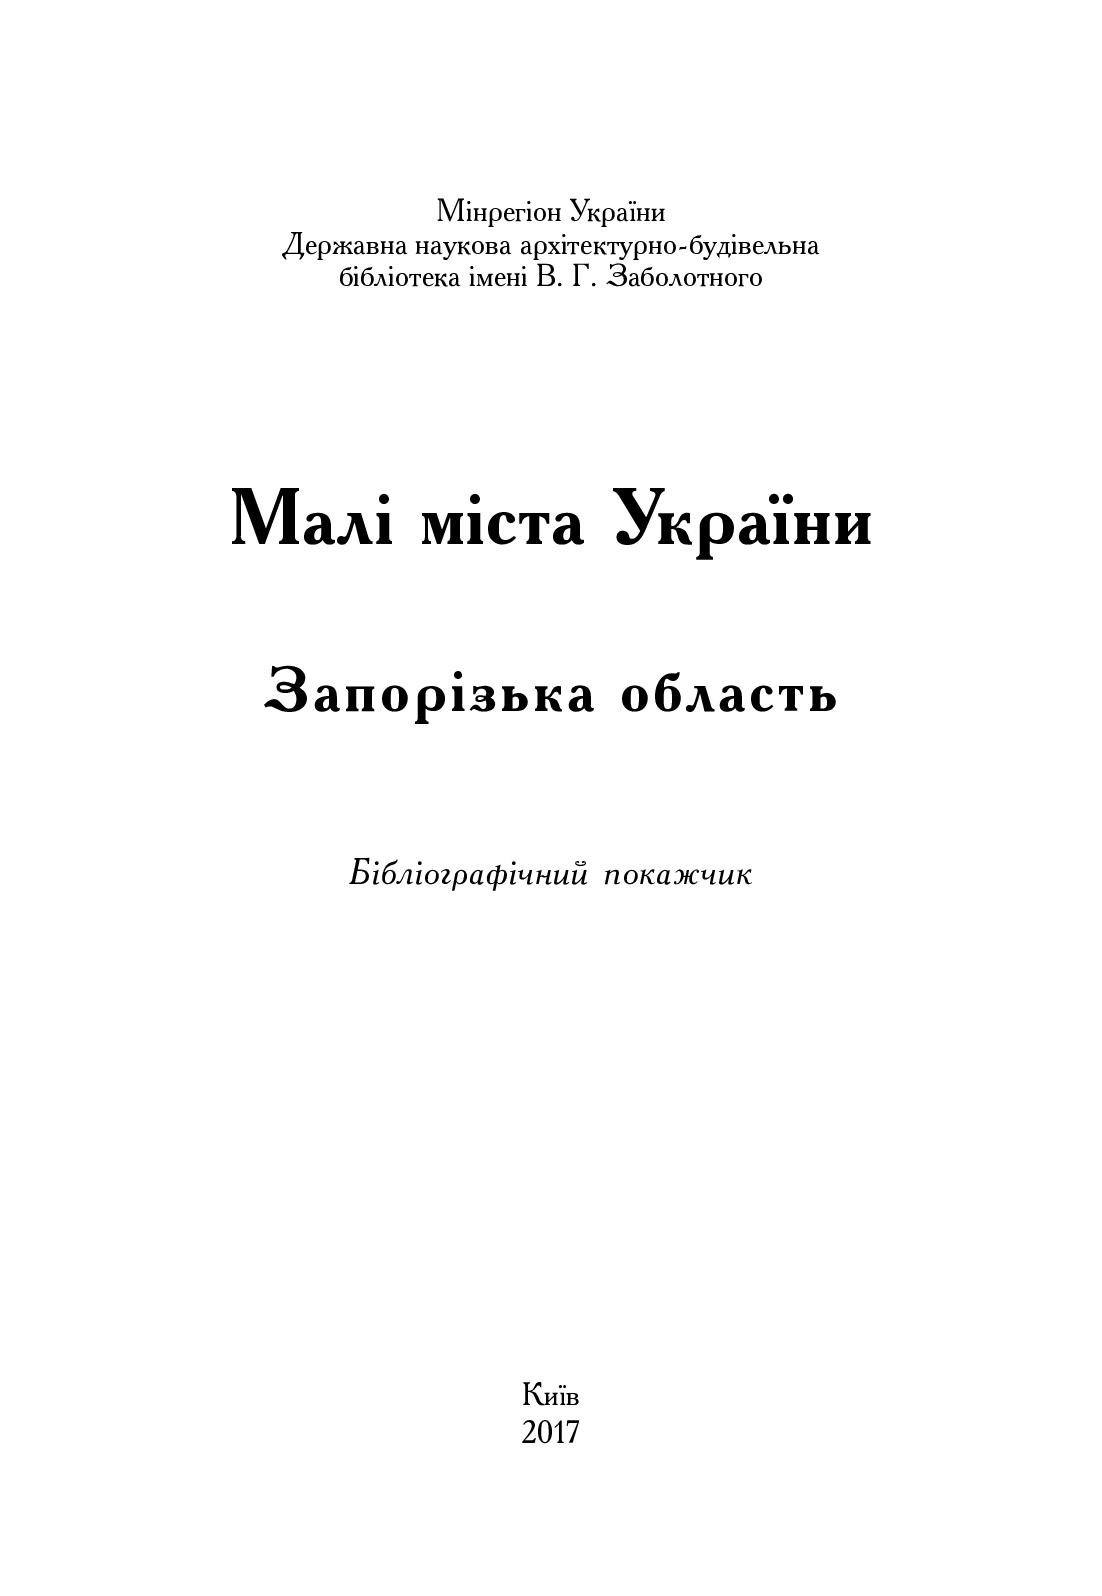 Запорізька область 06 06 2017